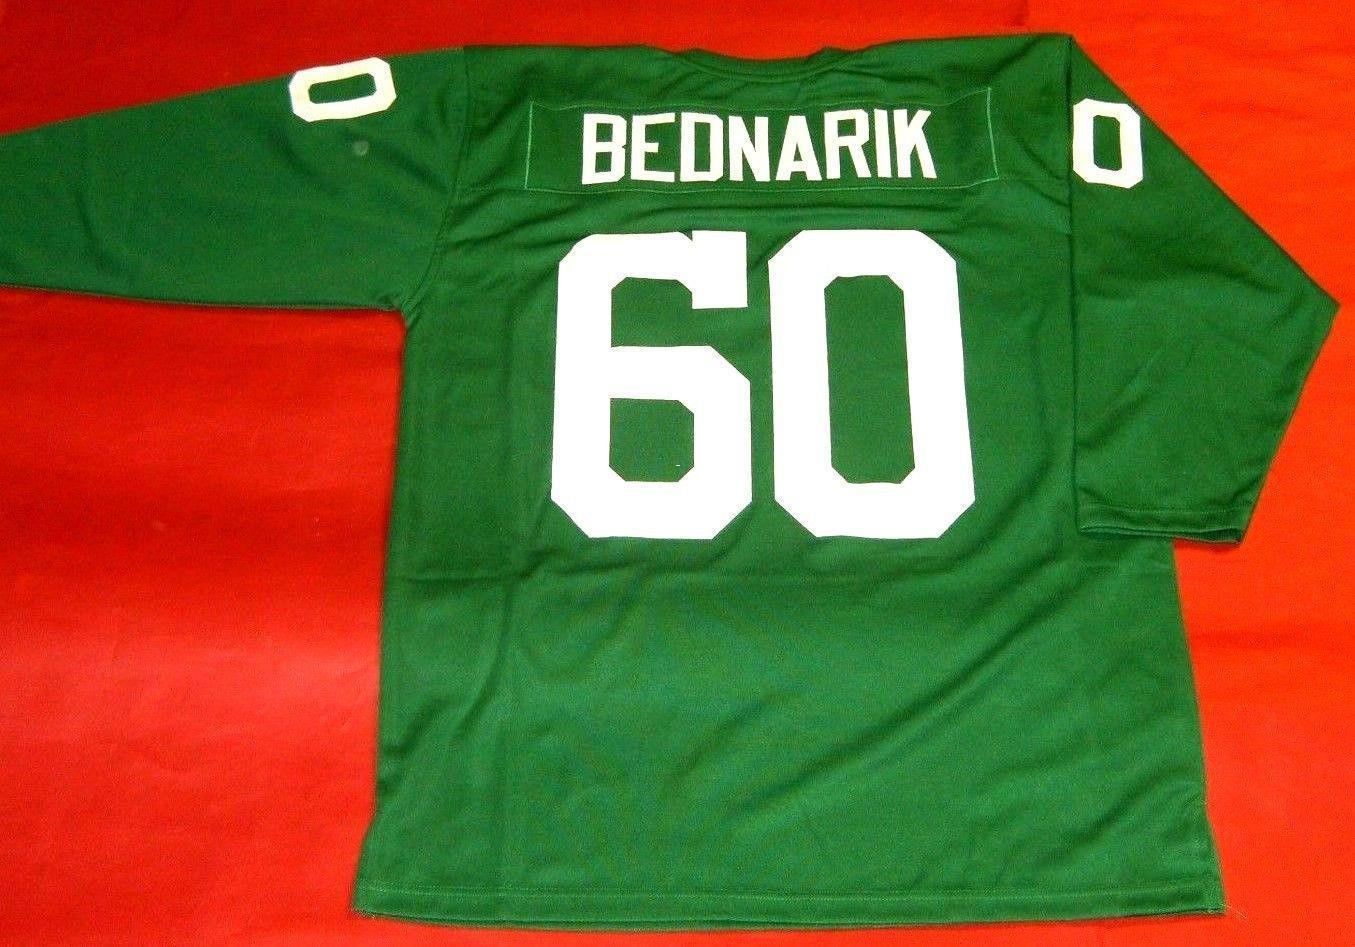 low priced 439cd 33f8c bednarik jersey